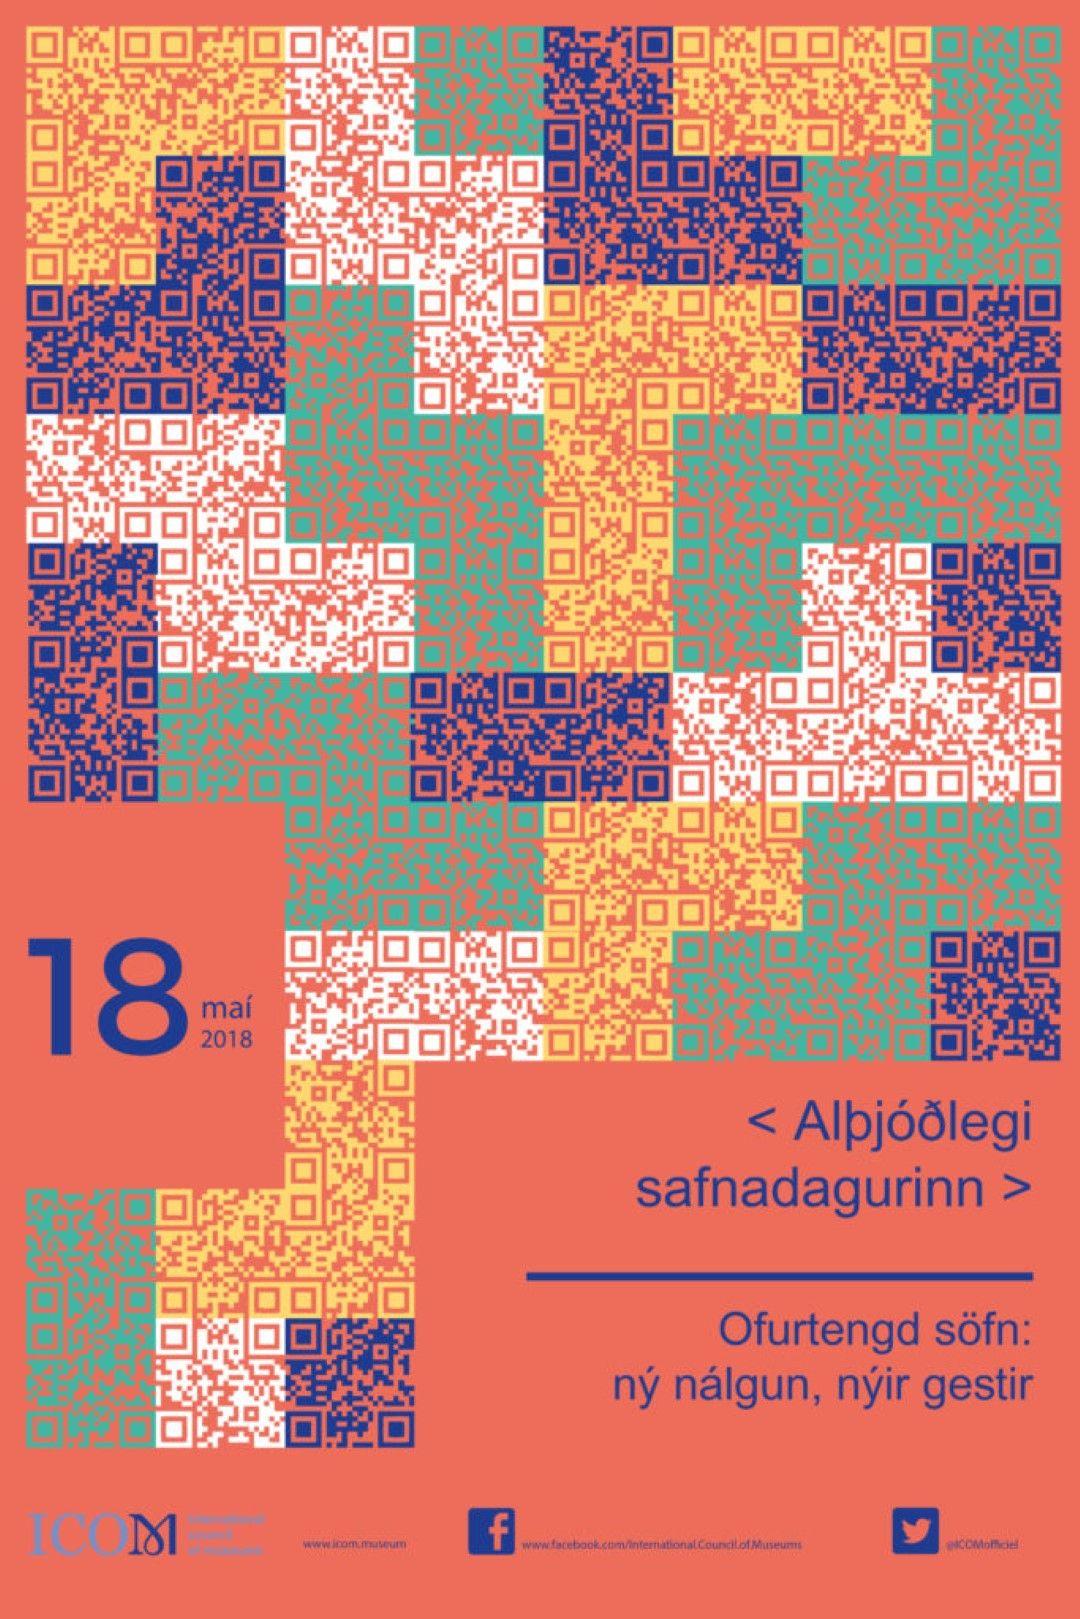 Alþjóðlegi safnadagurinn: Leiðsögn - Tak i lige måde: Contemporary Art from Denmark